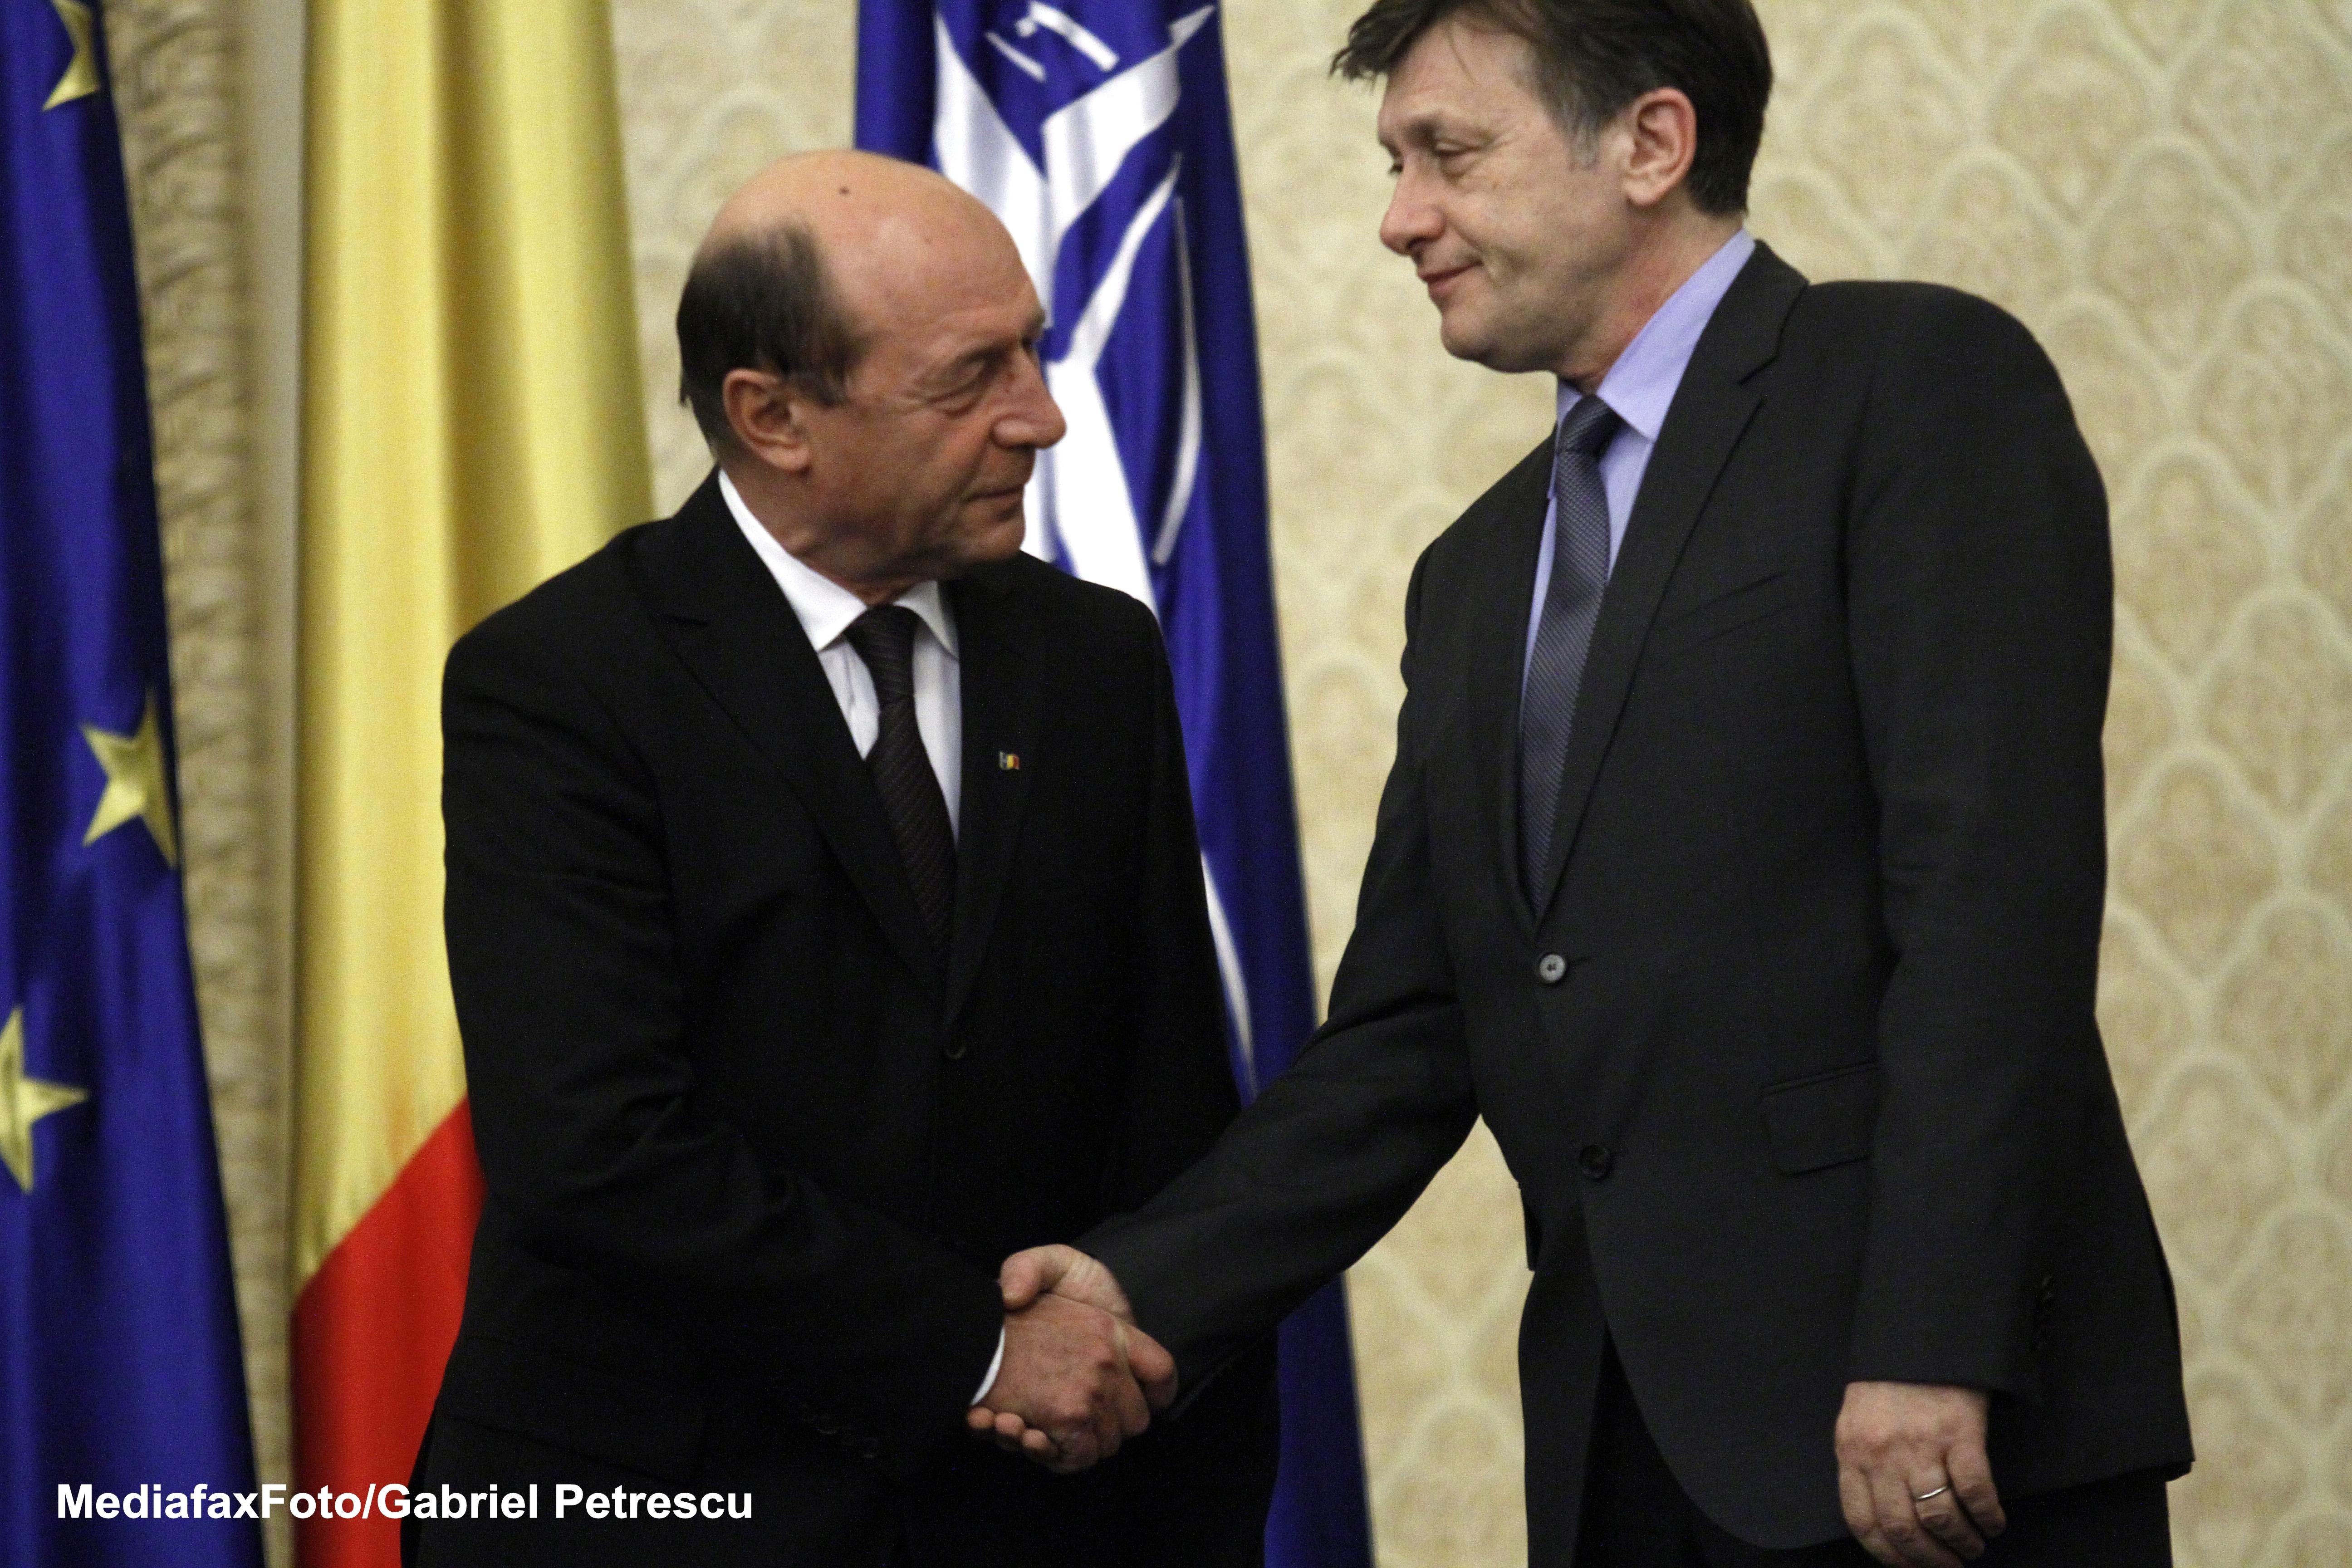 Va negocia PNL cu Traian Basescu pentru o sustinere in turul 2 al prezidentialelor? Raspunsul lui Crin Antonescu